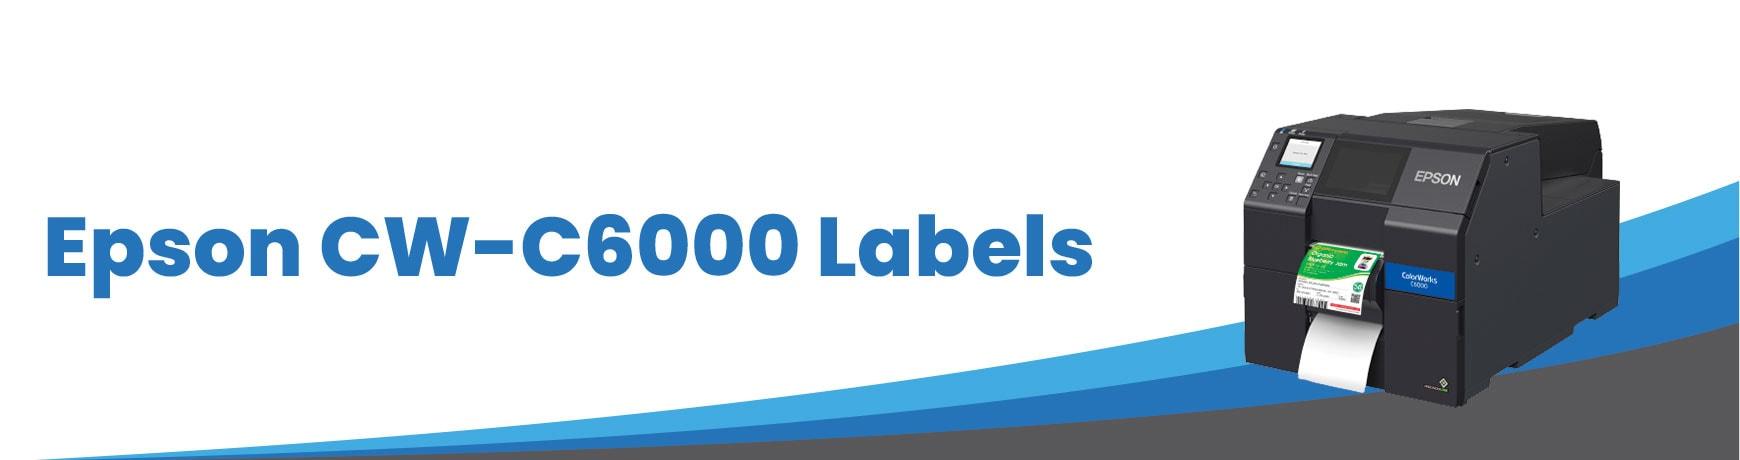 Epson CW-C6000 Labels